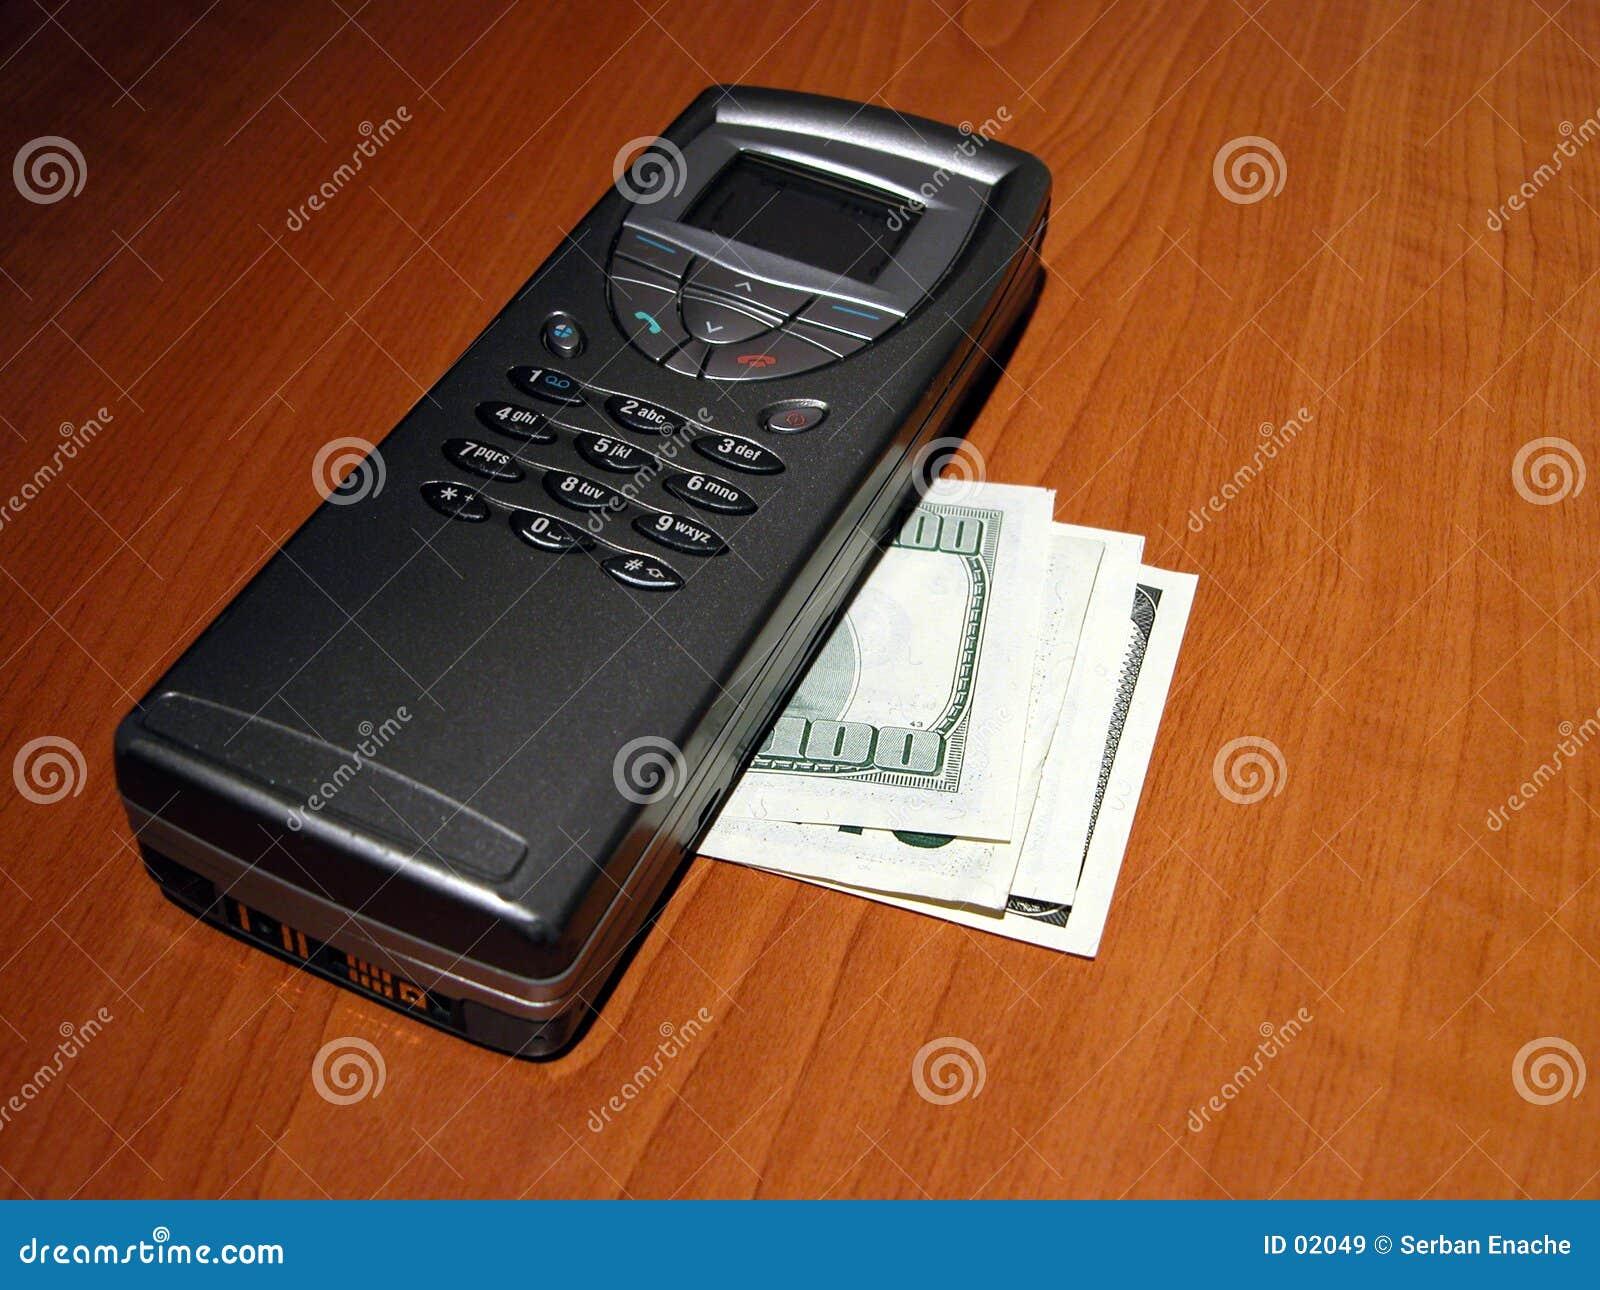 Communicator and $100 bills